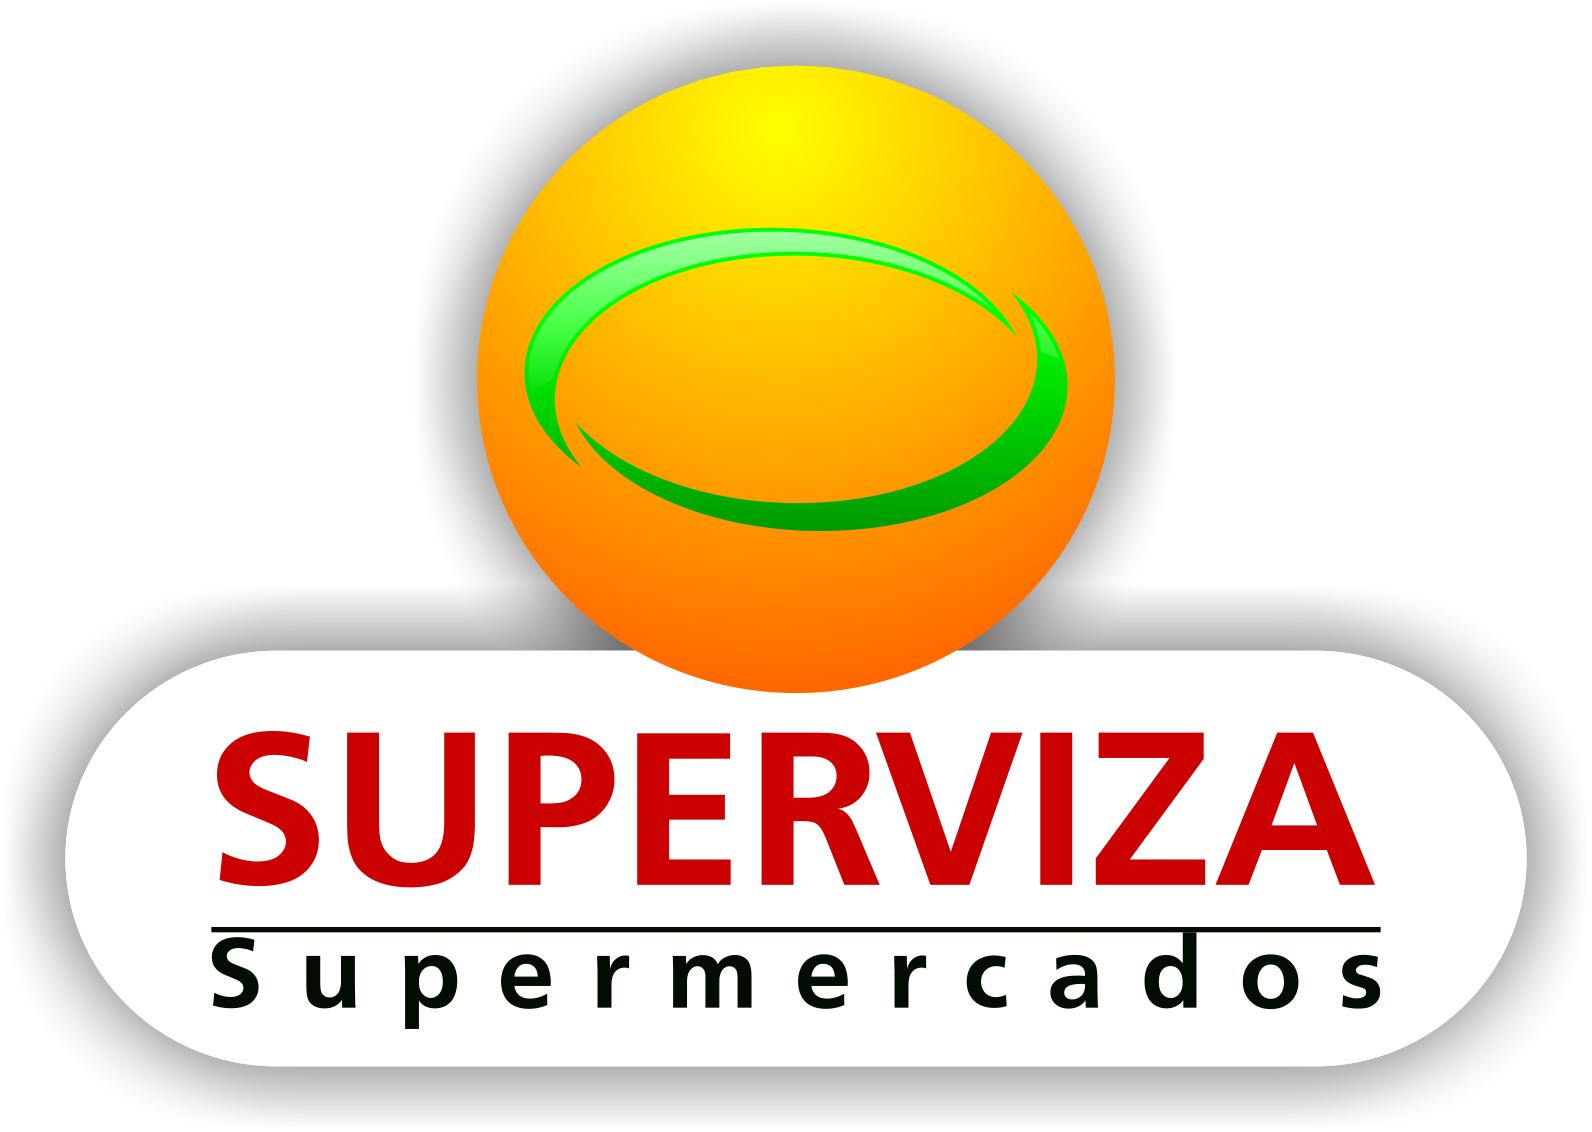 SUPERVIZA